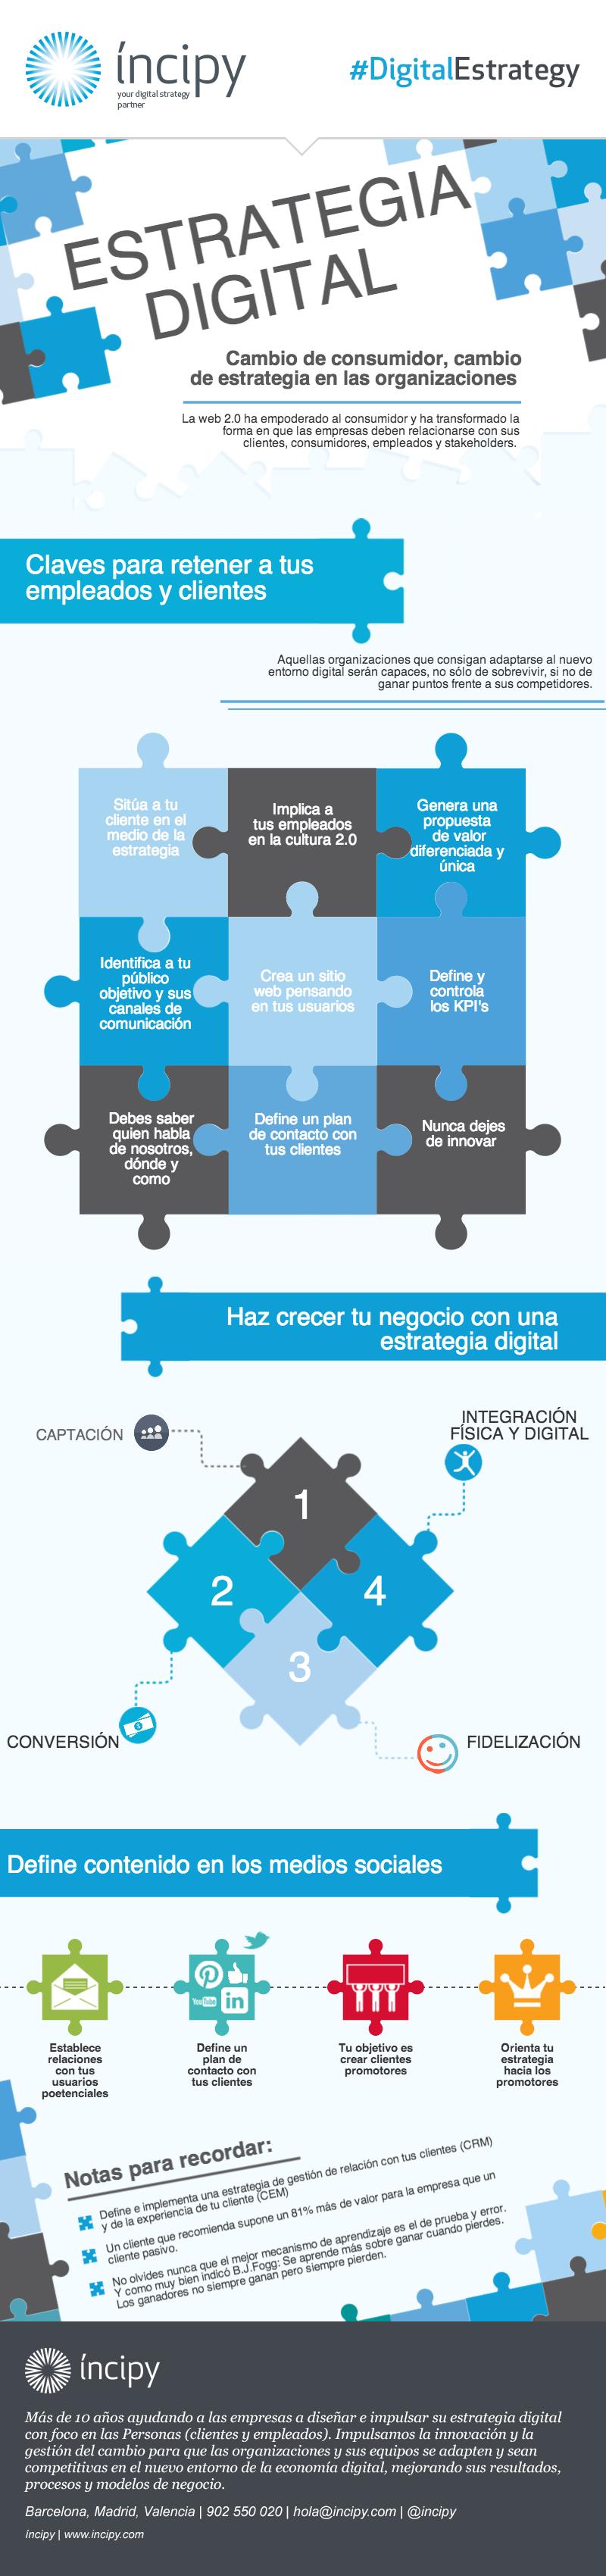 Claves para una estrategia digital de éxito